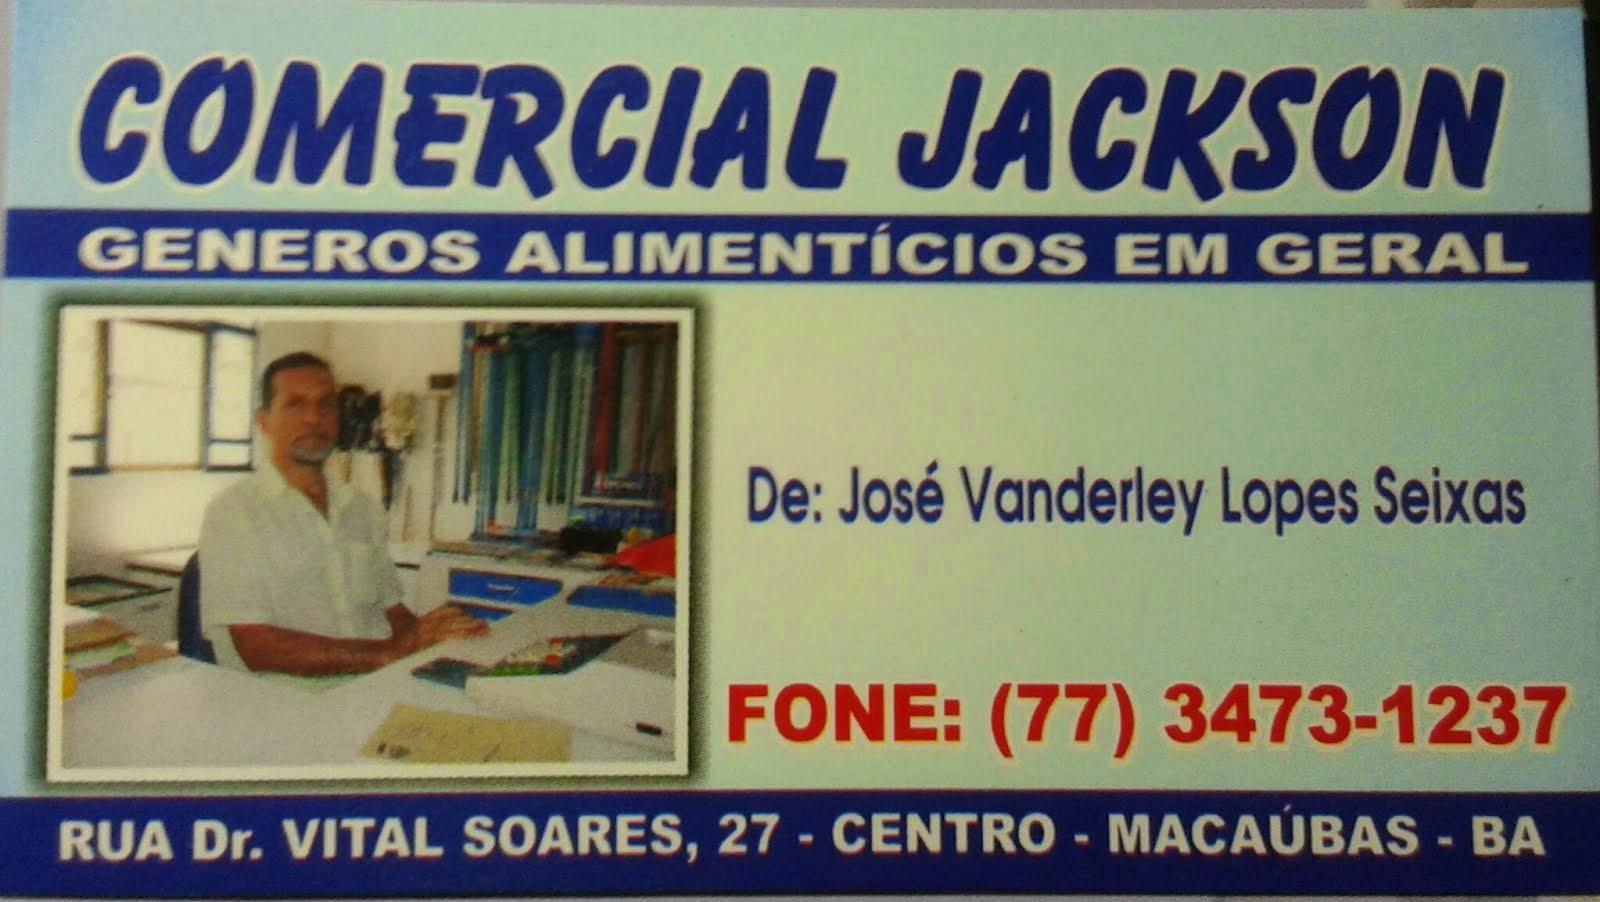 Comercial Jackson